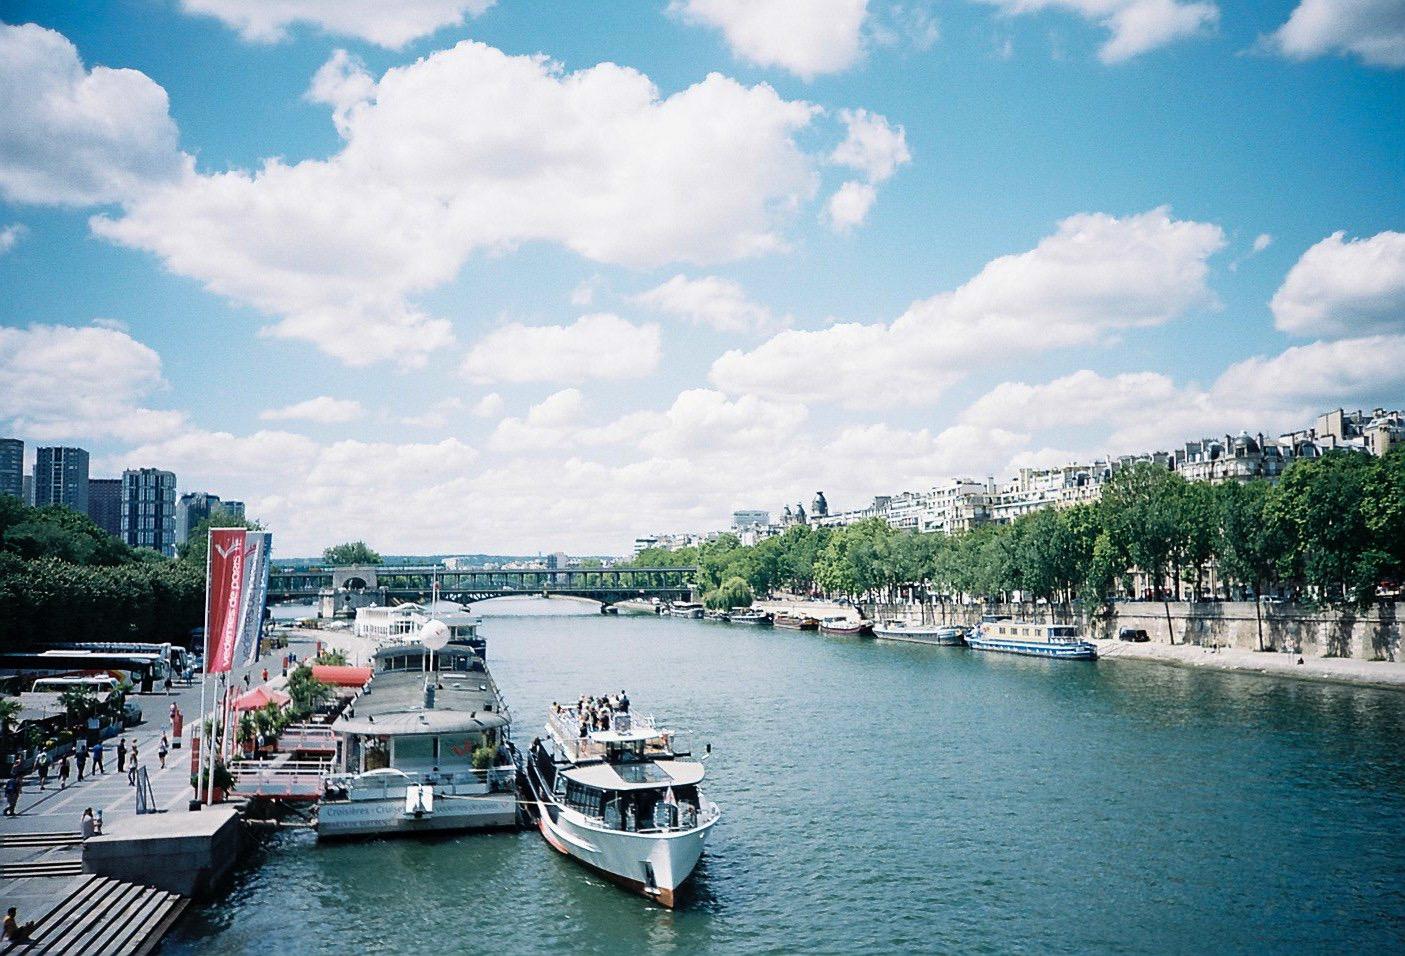 パリ フィルムカメラ